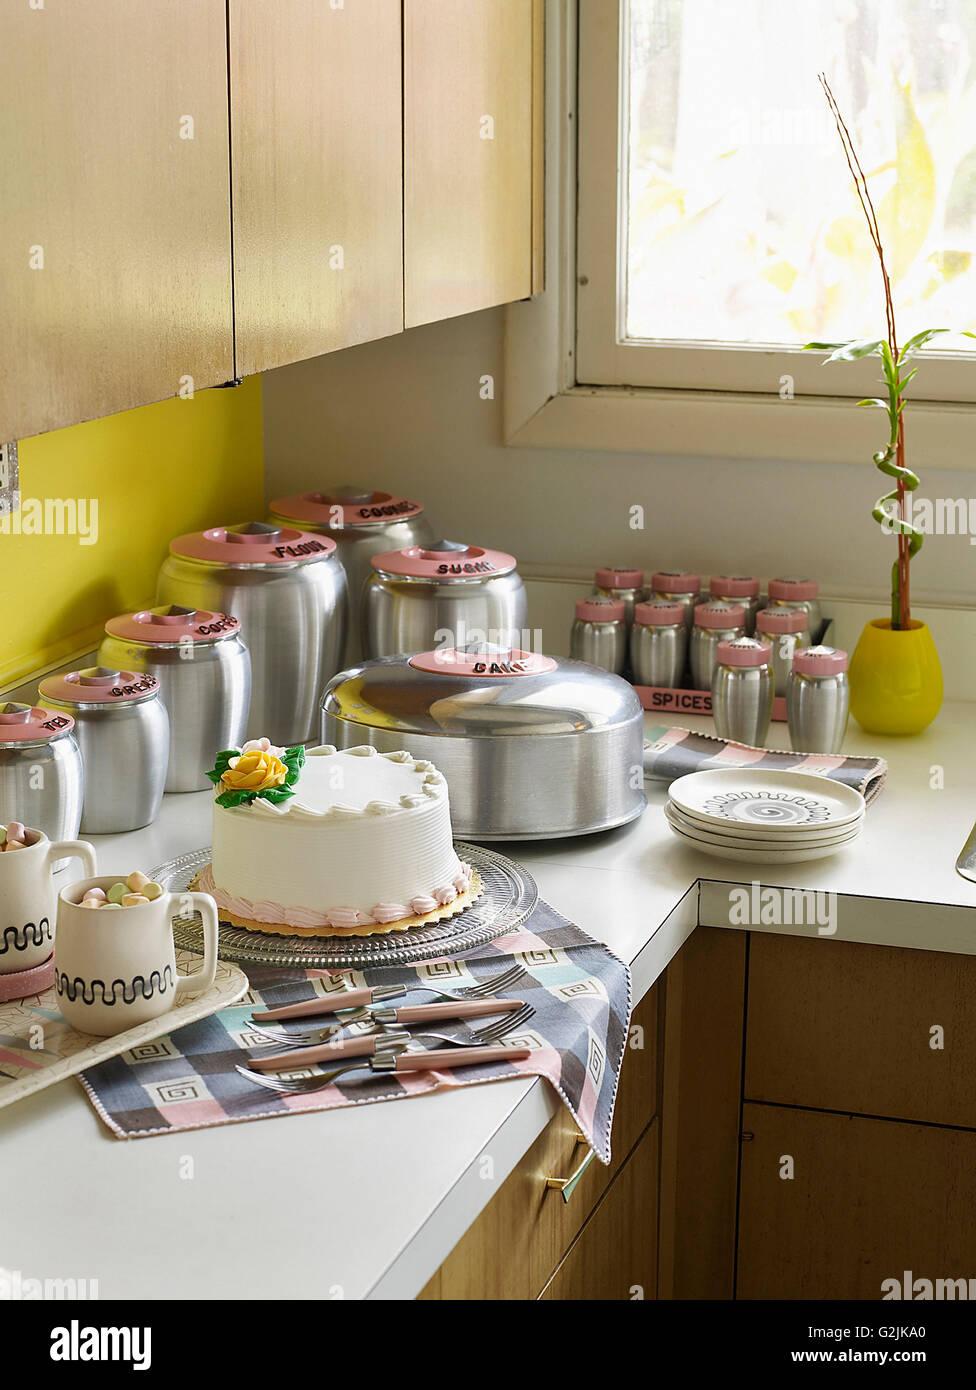 Cake and Retro Bake Set - Stock Image & Kitchen Storage Tins Stock Photos u0026 Kitchen Storage Tins Stock ...